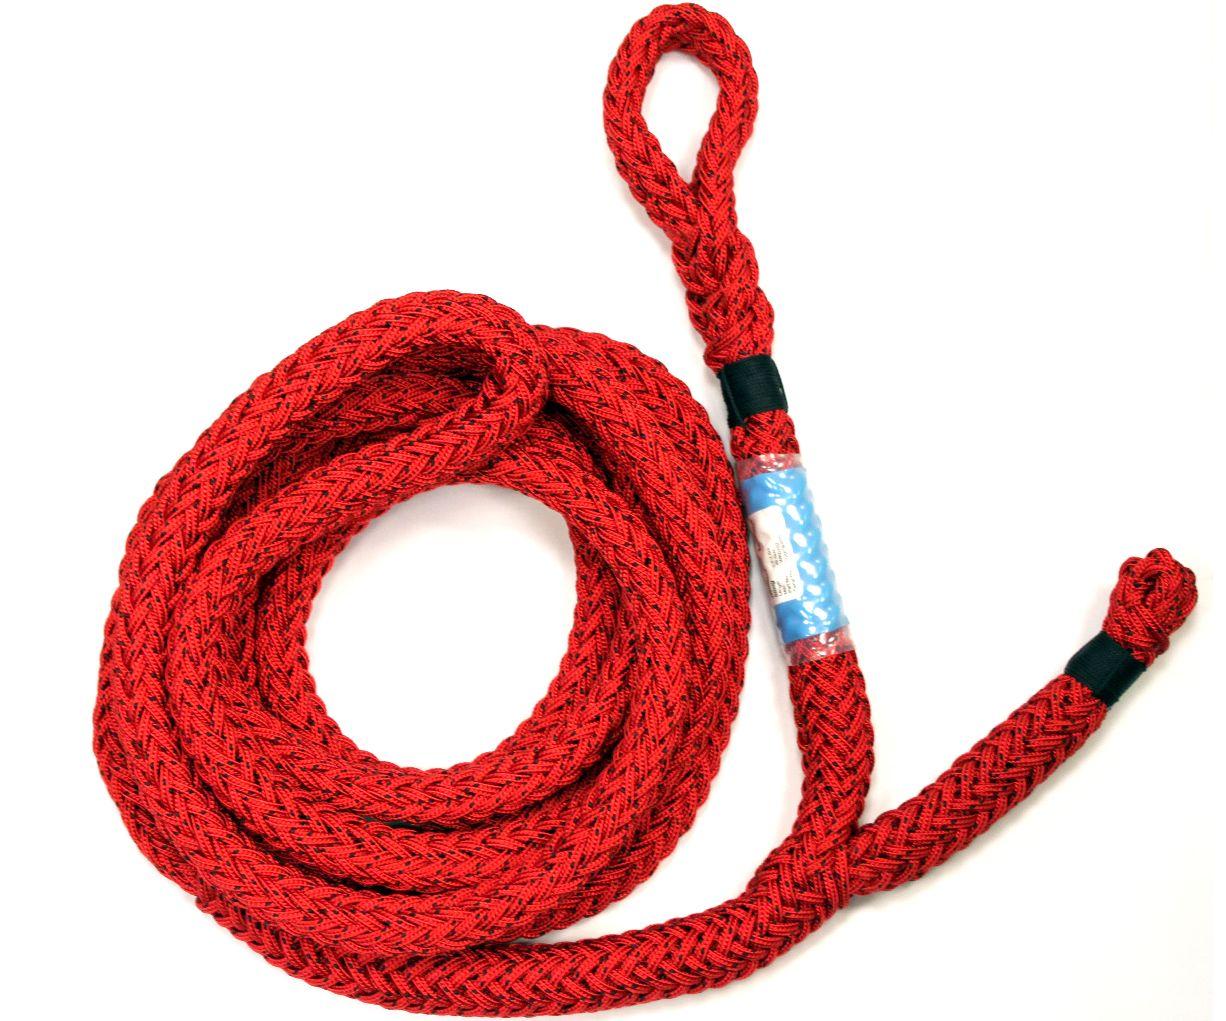 Marlow 18mm adjustable whoopie sling (Red) (0.91m - 3.6m)